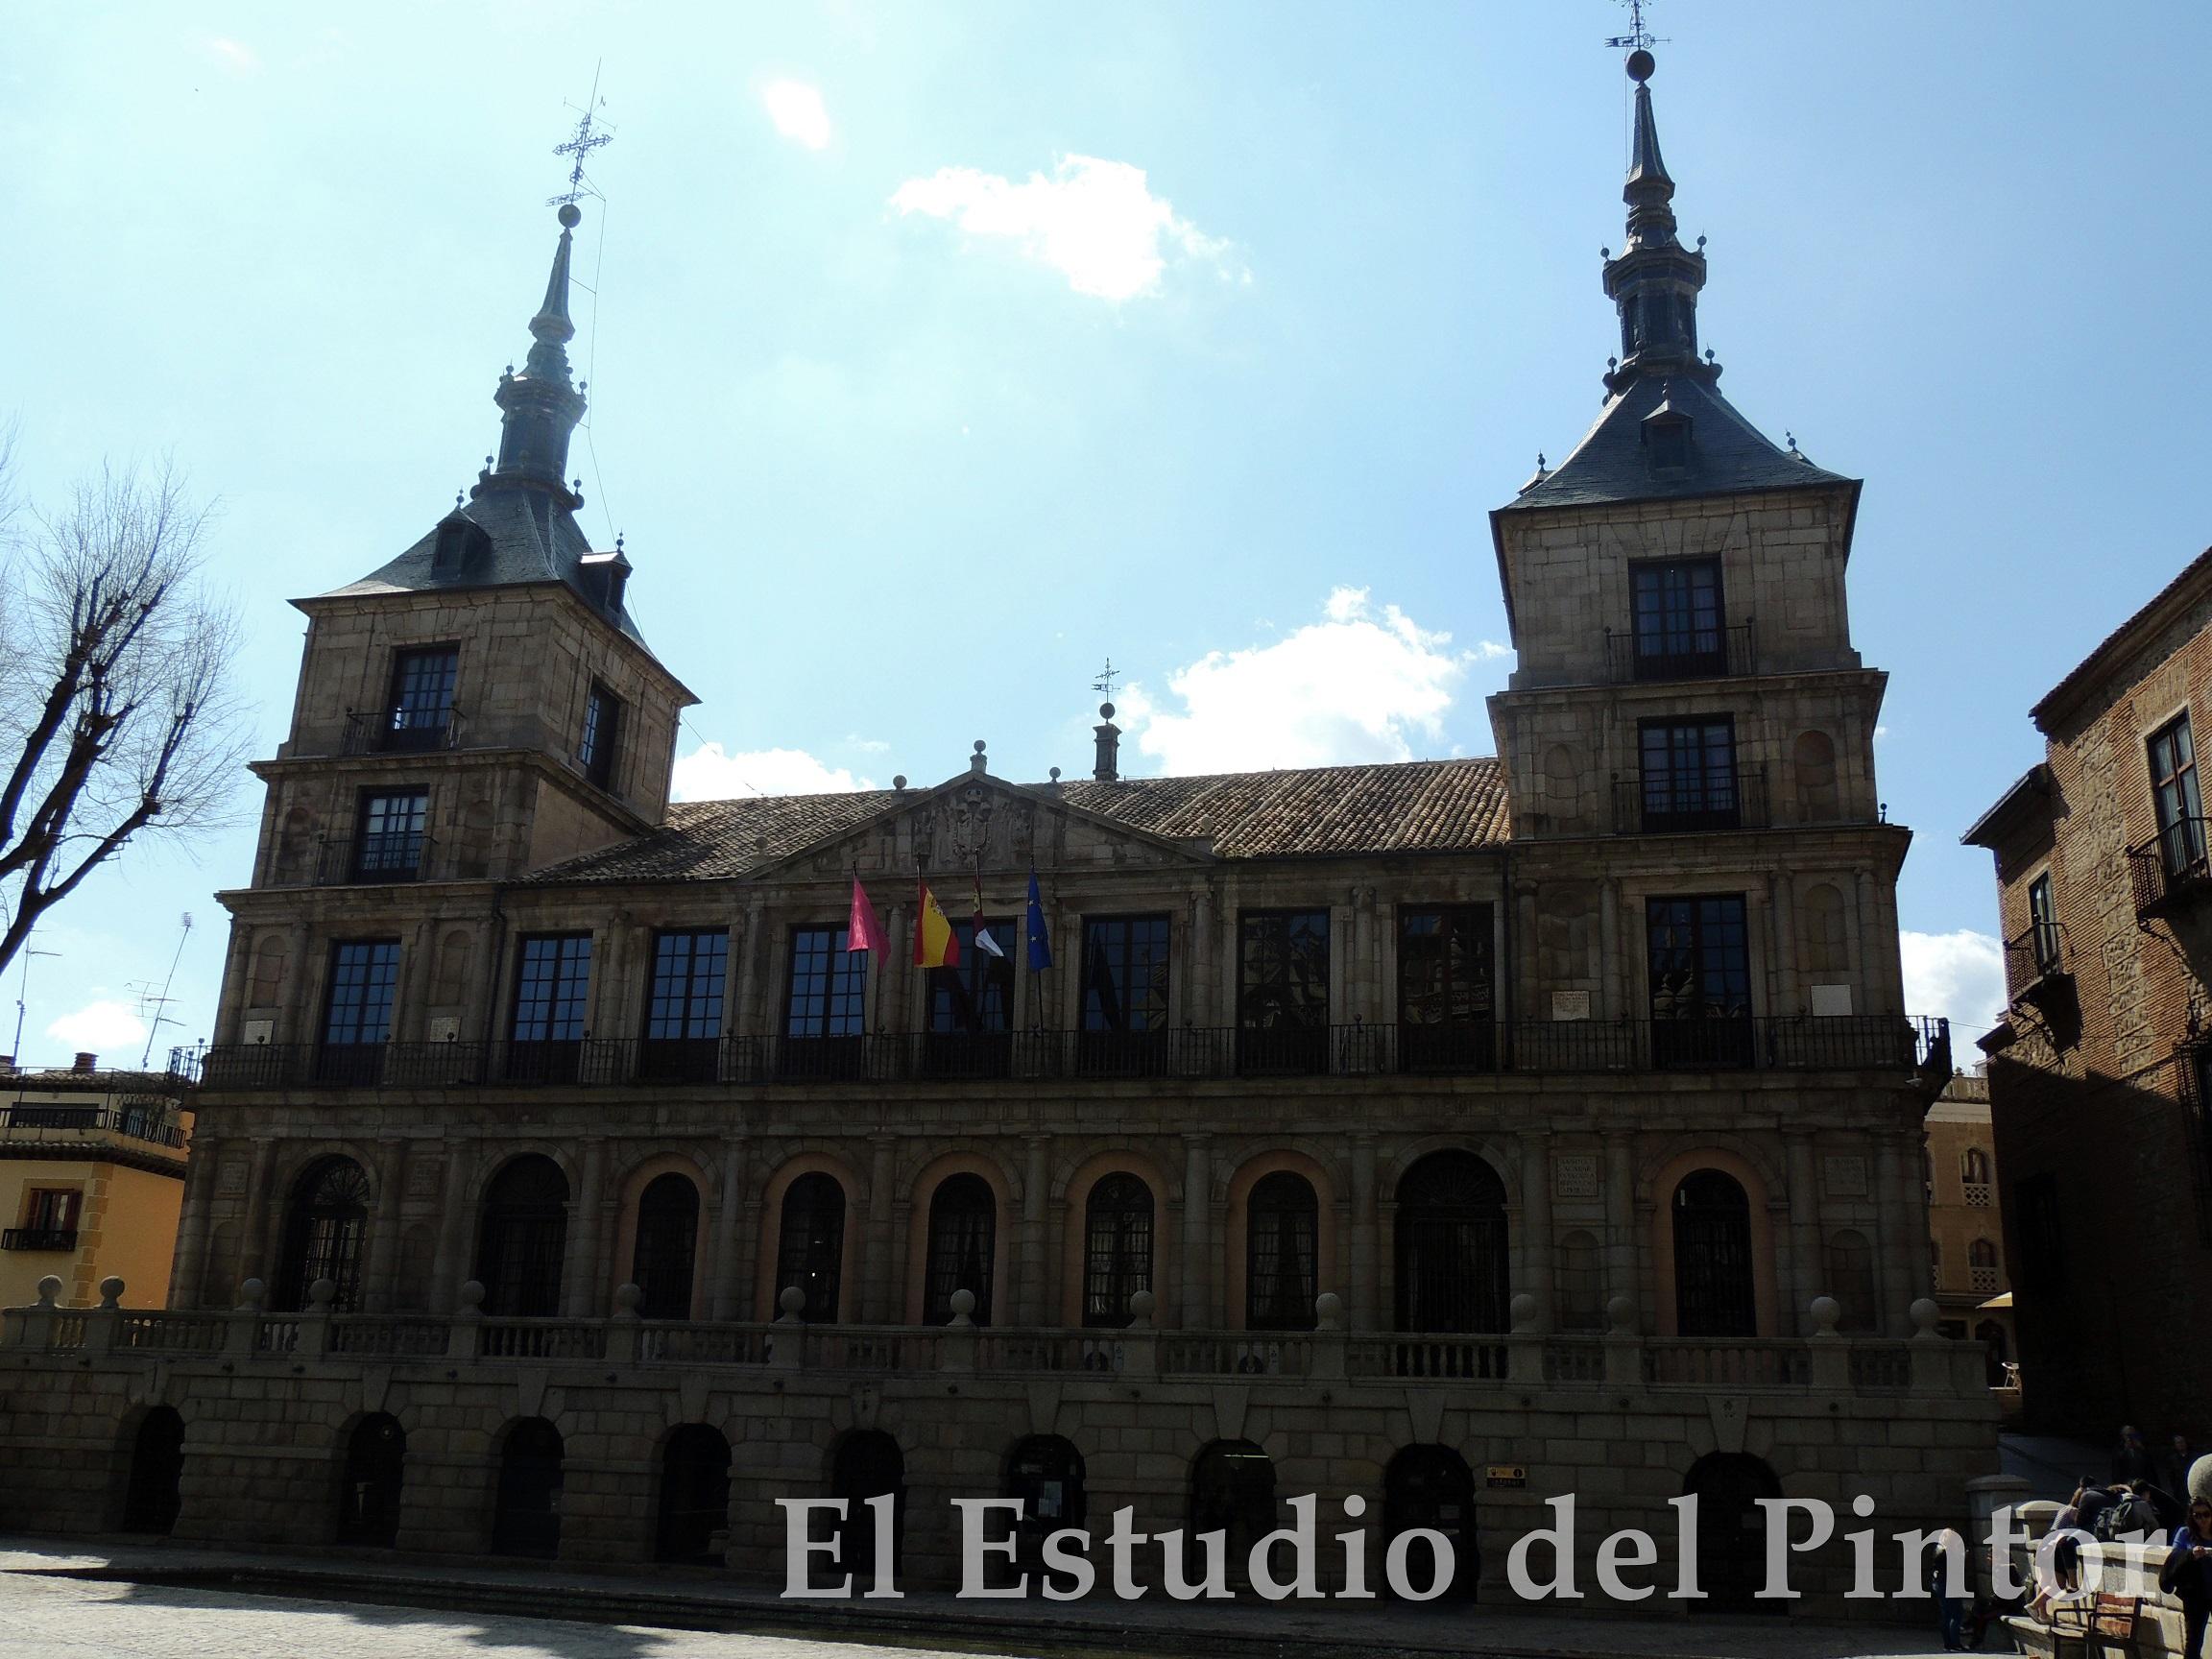 5. Ayuntamiento